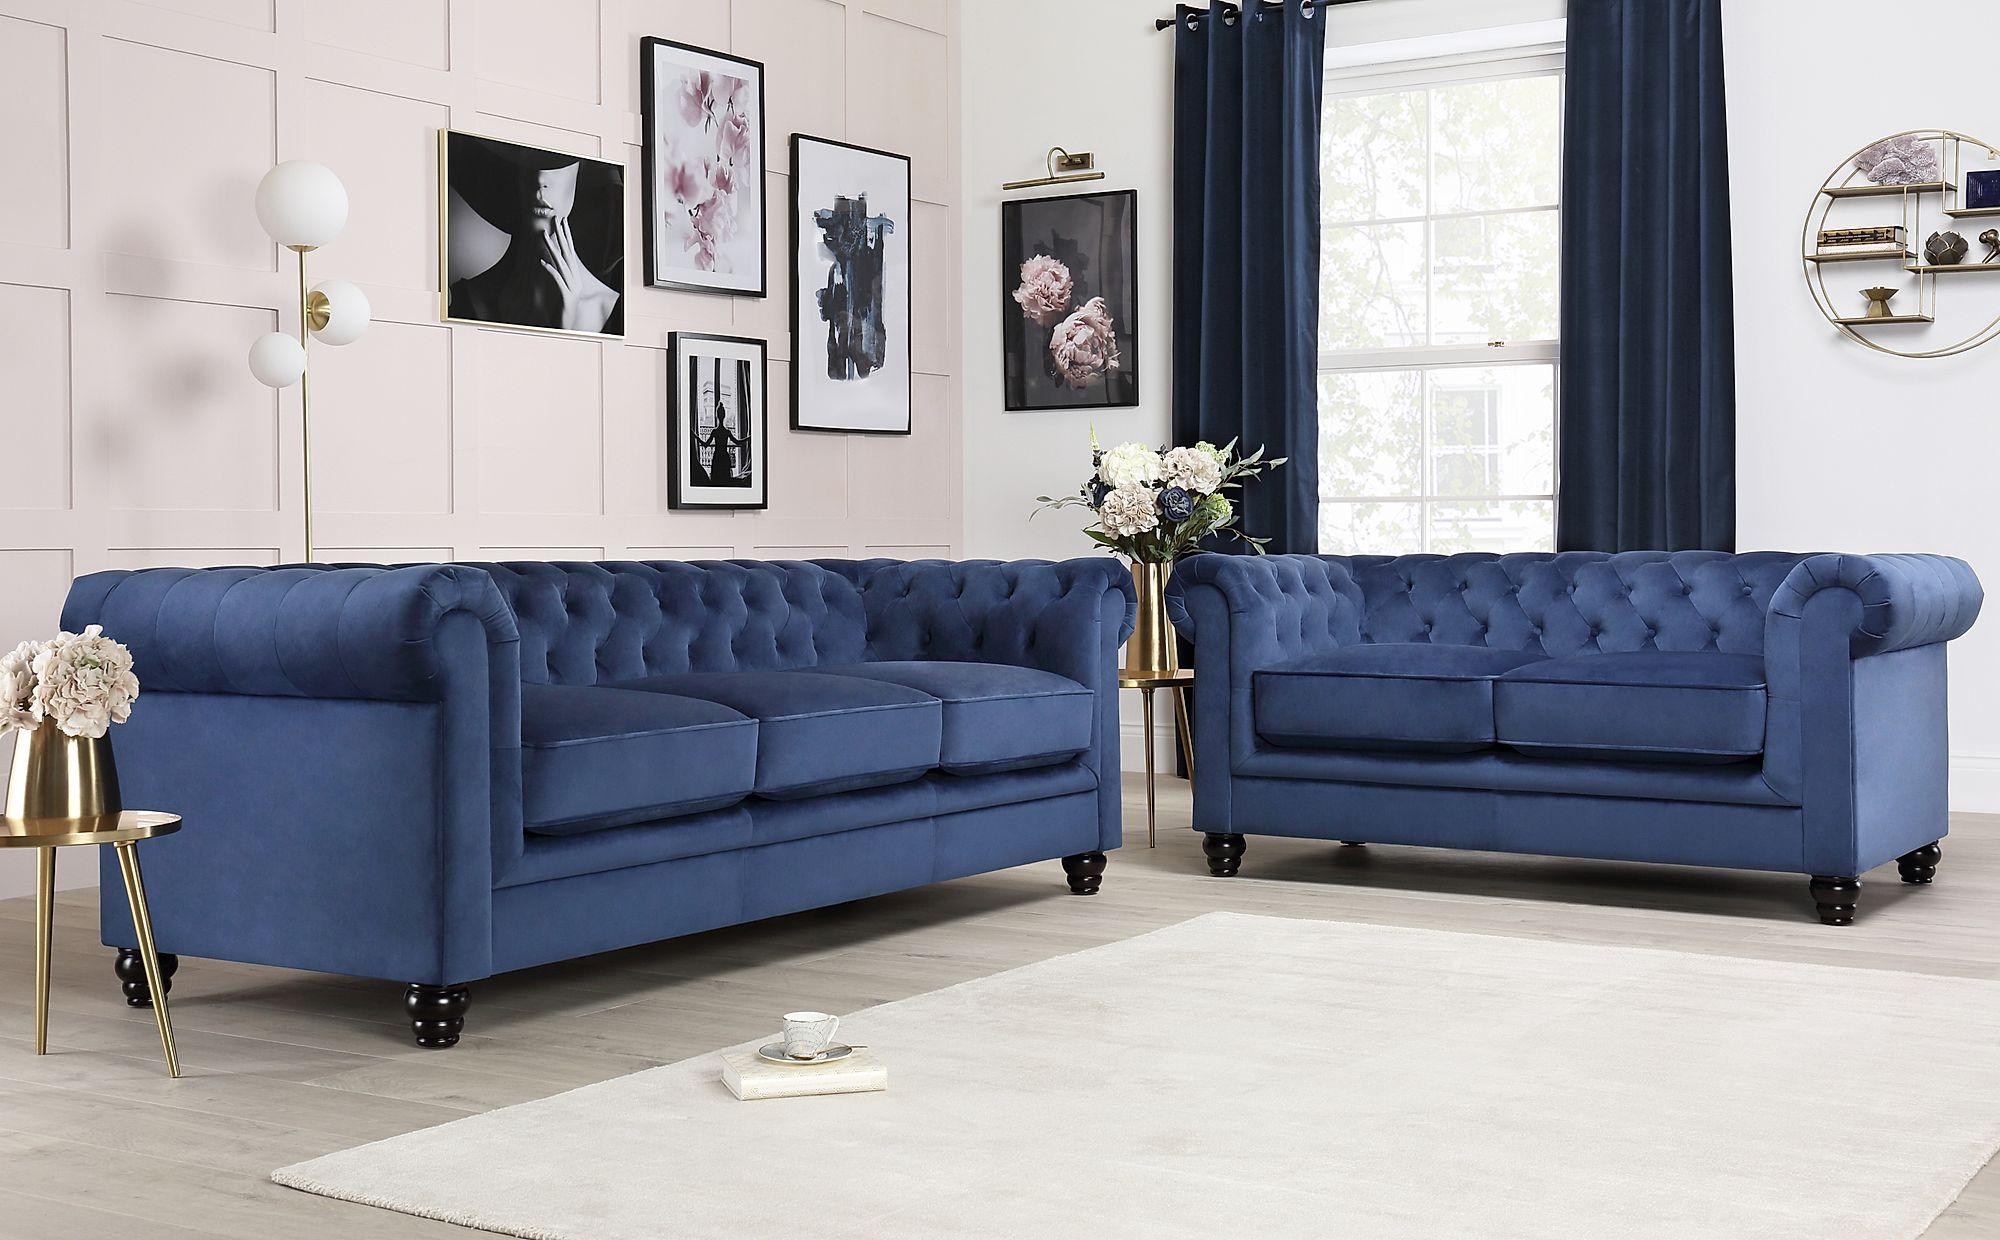 Pleasant Hampton Blue Velvet 3 2 Seater Chesterfield Sofa Set Ncnpc Chair Design For Home Ncnpcorg